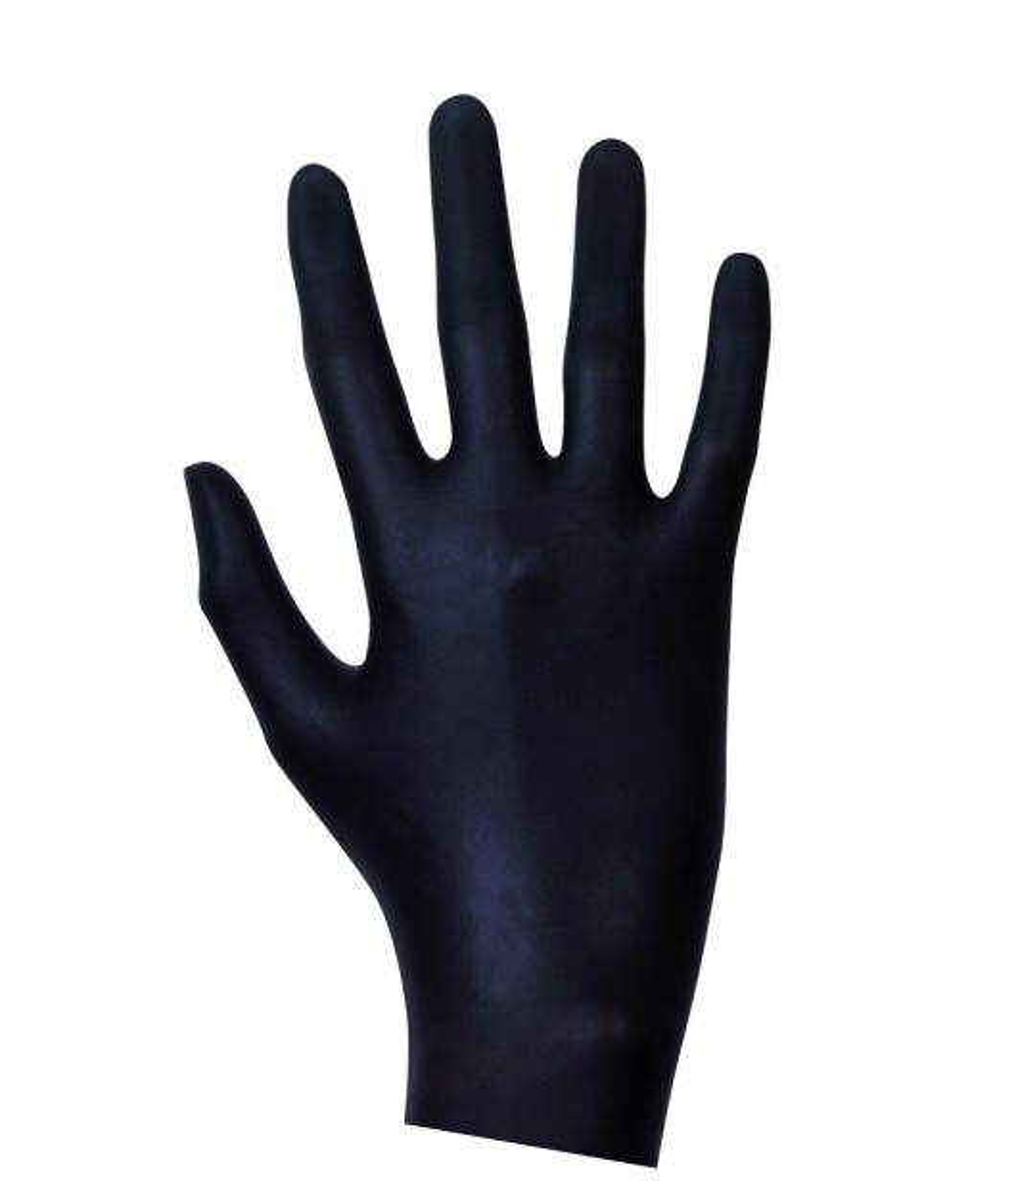 Latex Examination Gloves Black 100 pcs